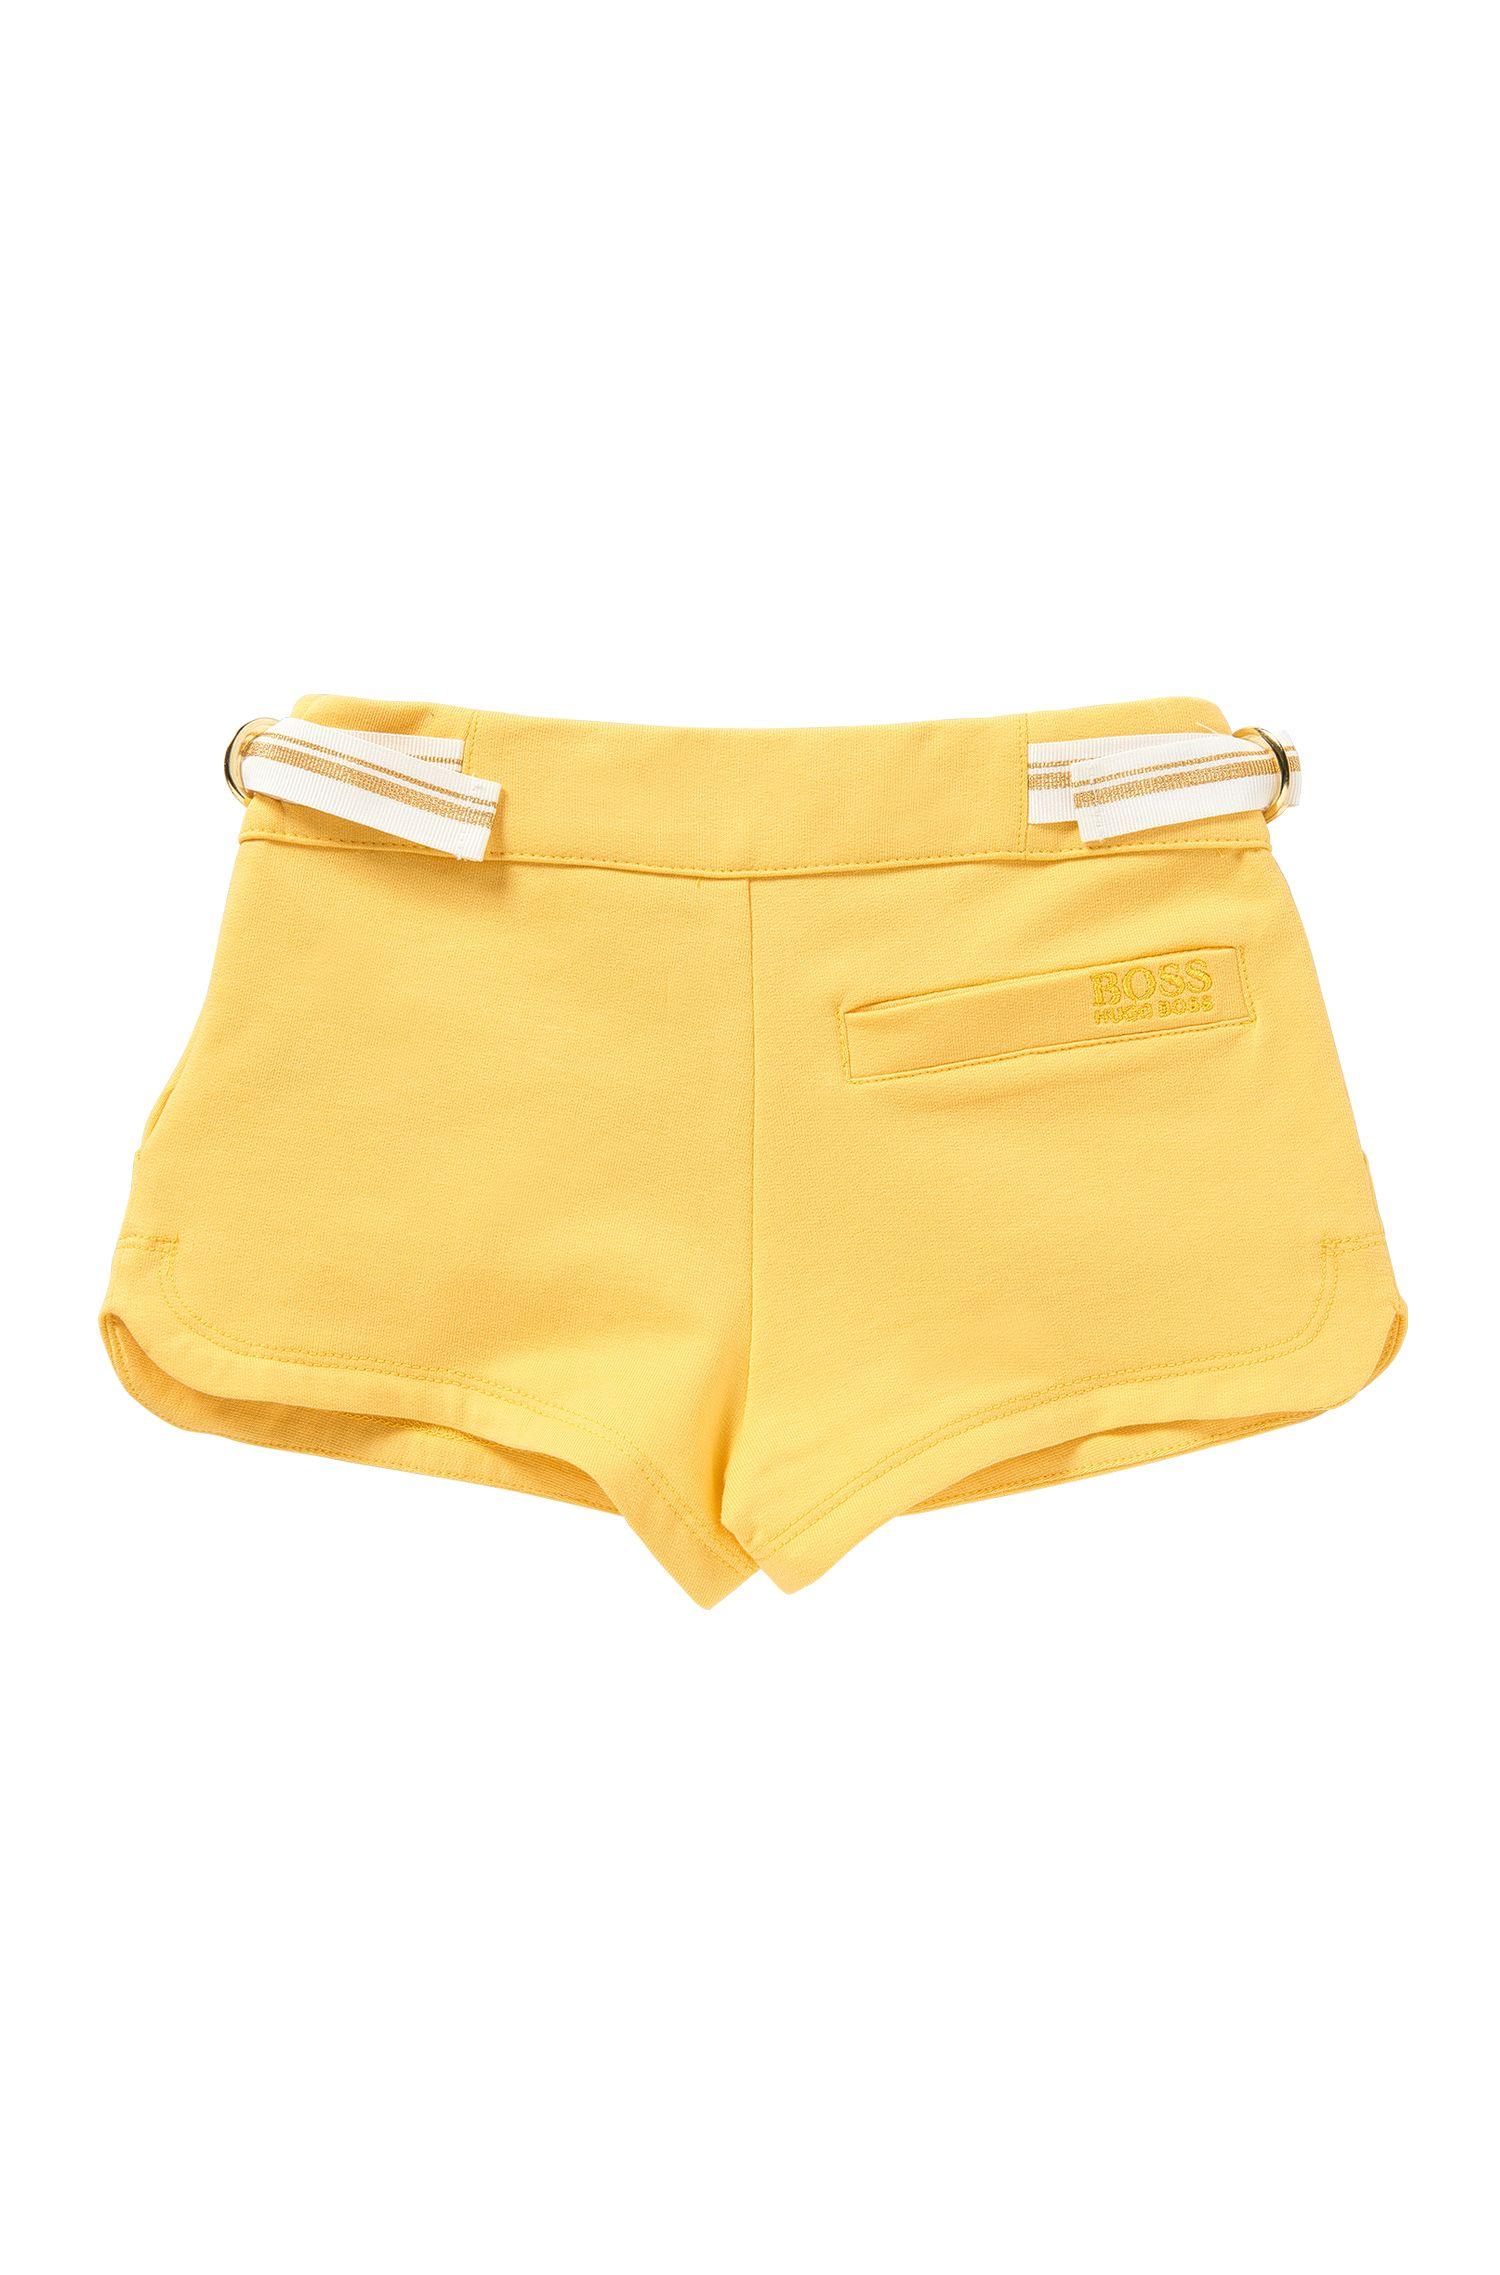 Kids-Shorts aus Stretch-Baumwolle mit Bindeband: 'J14173'